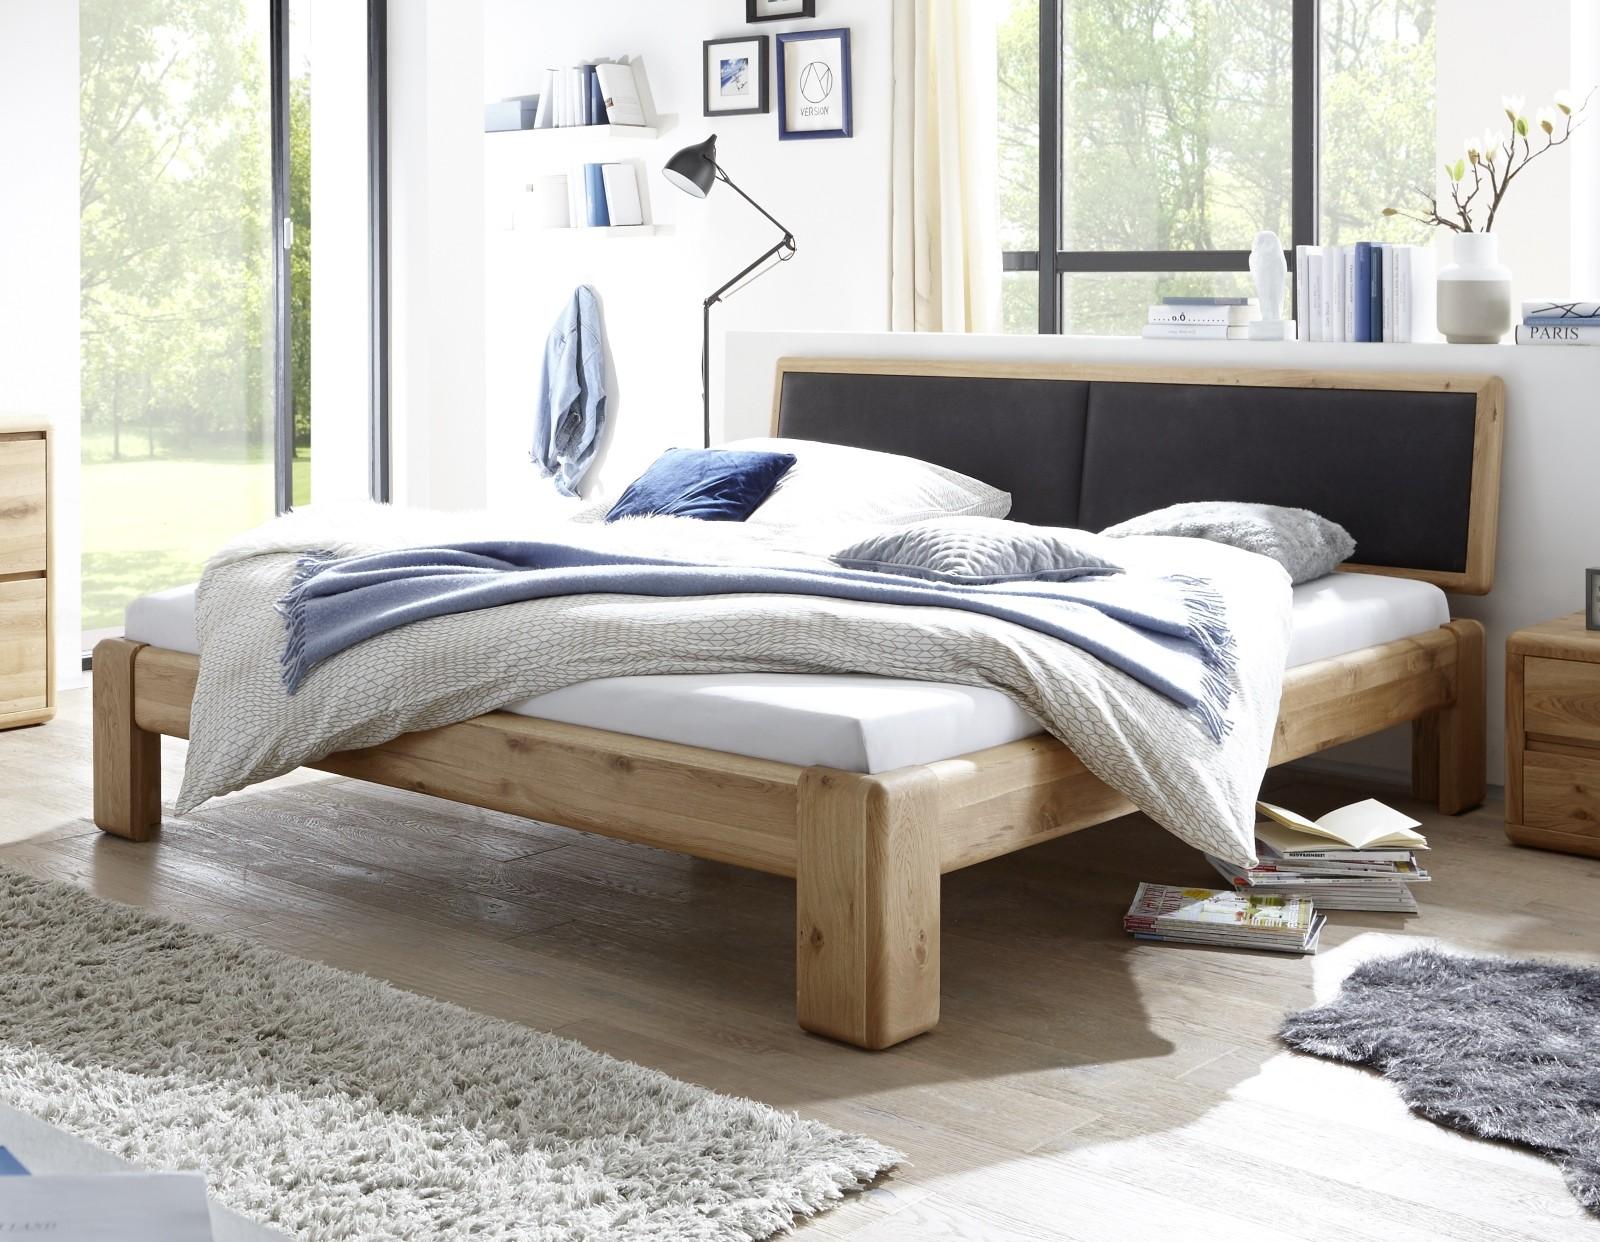 Full Size of Komplettbett 180x220 Schwarz Wildeiche Massivholzbetten Online Kaufen Mbel Bett Wohnzimmer Komplettbett 180x220